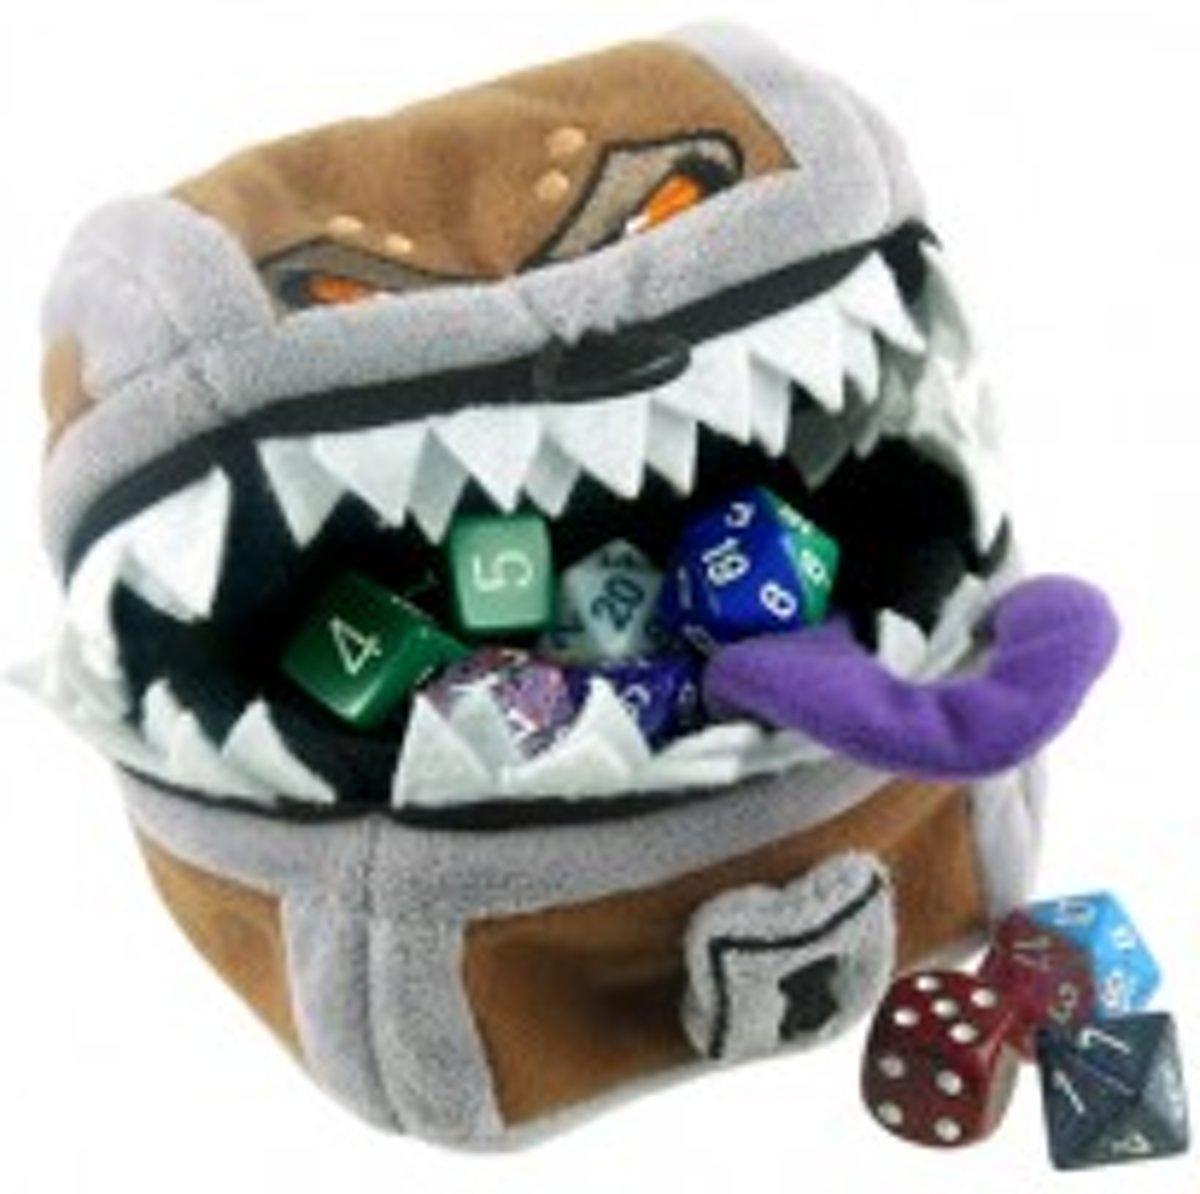 DICE BAG D&D Mimic Gamer Pouch